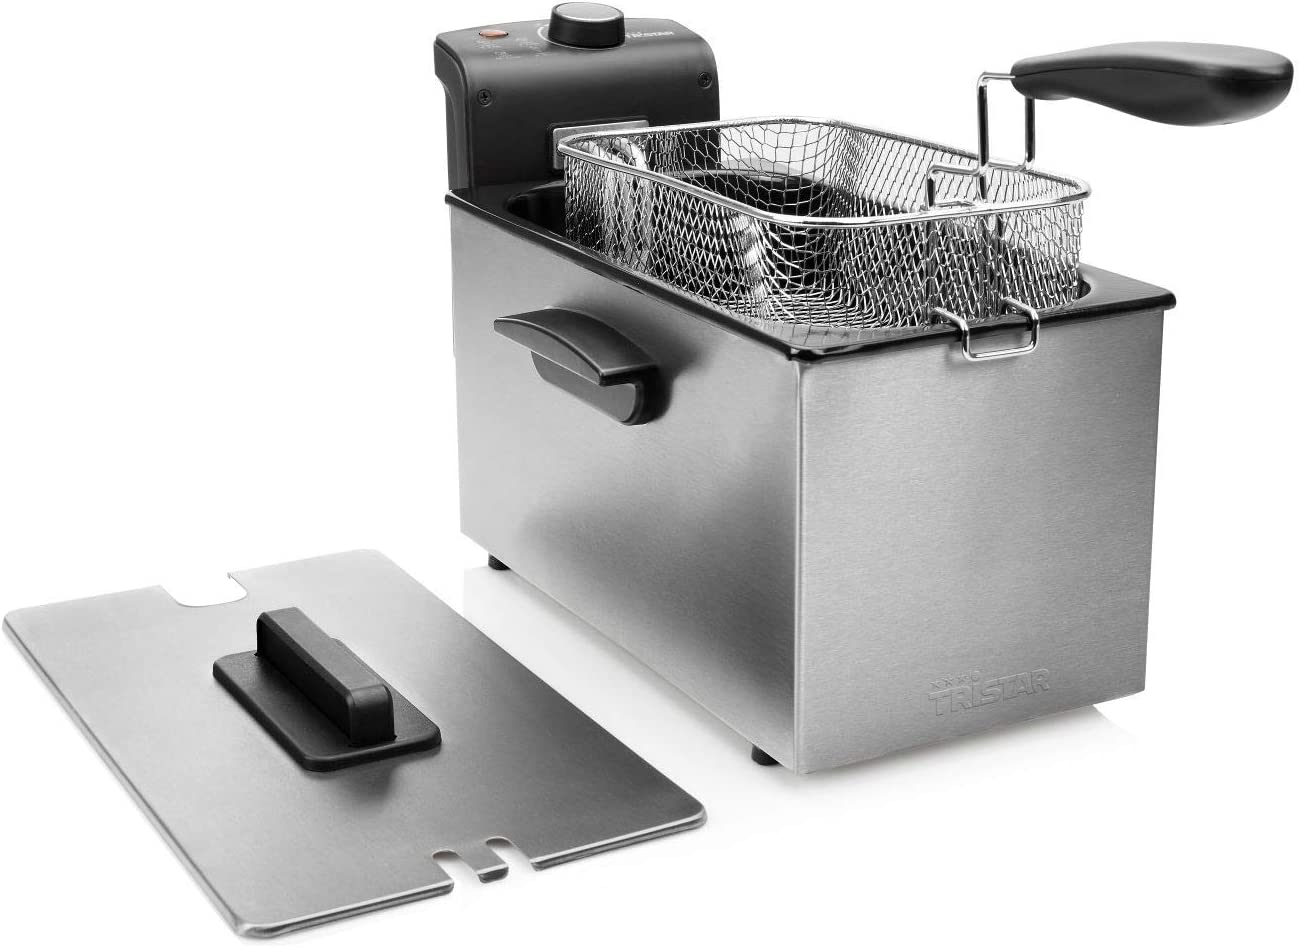 Tristar FR-6946 Freidora, capacidad de 3 litros, potencia de 2000 W, Acero inoxidable, plata y negro: Amazon.es: Hogar